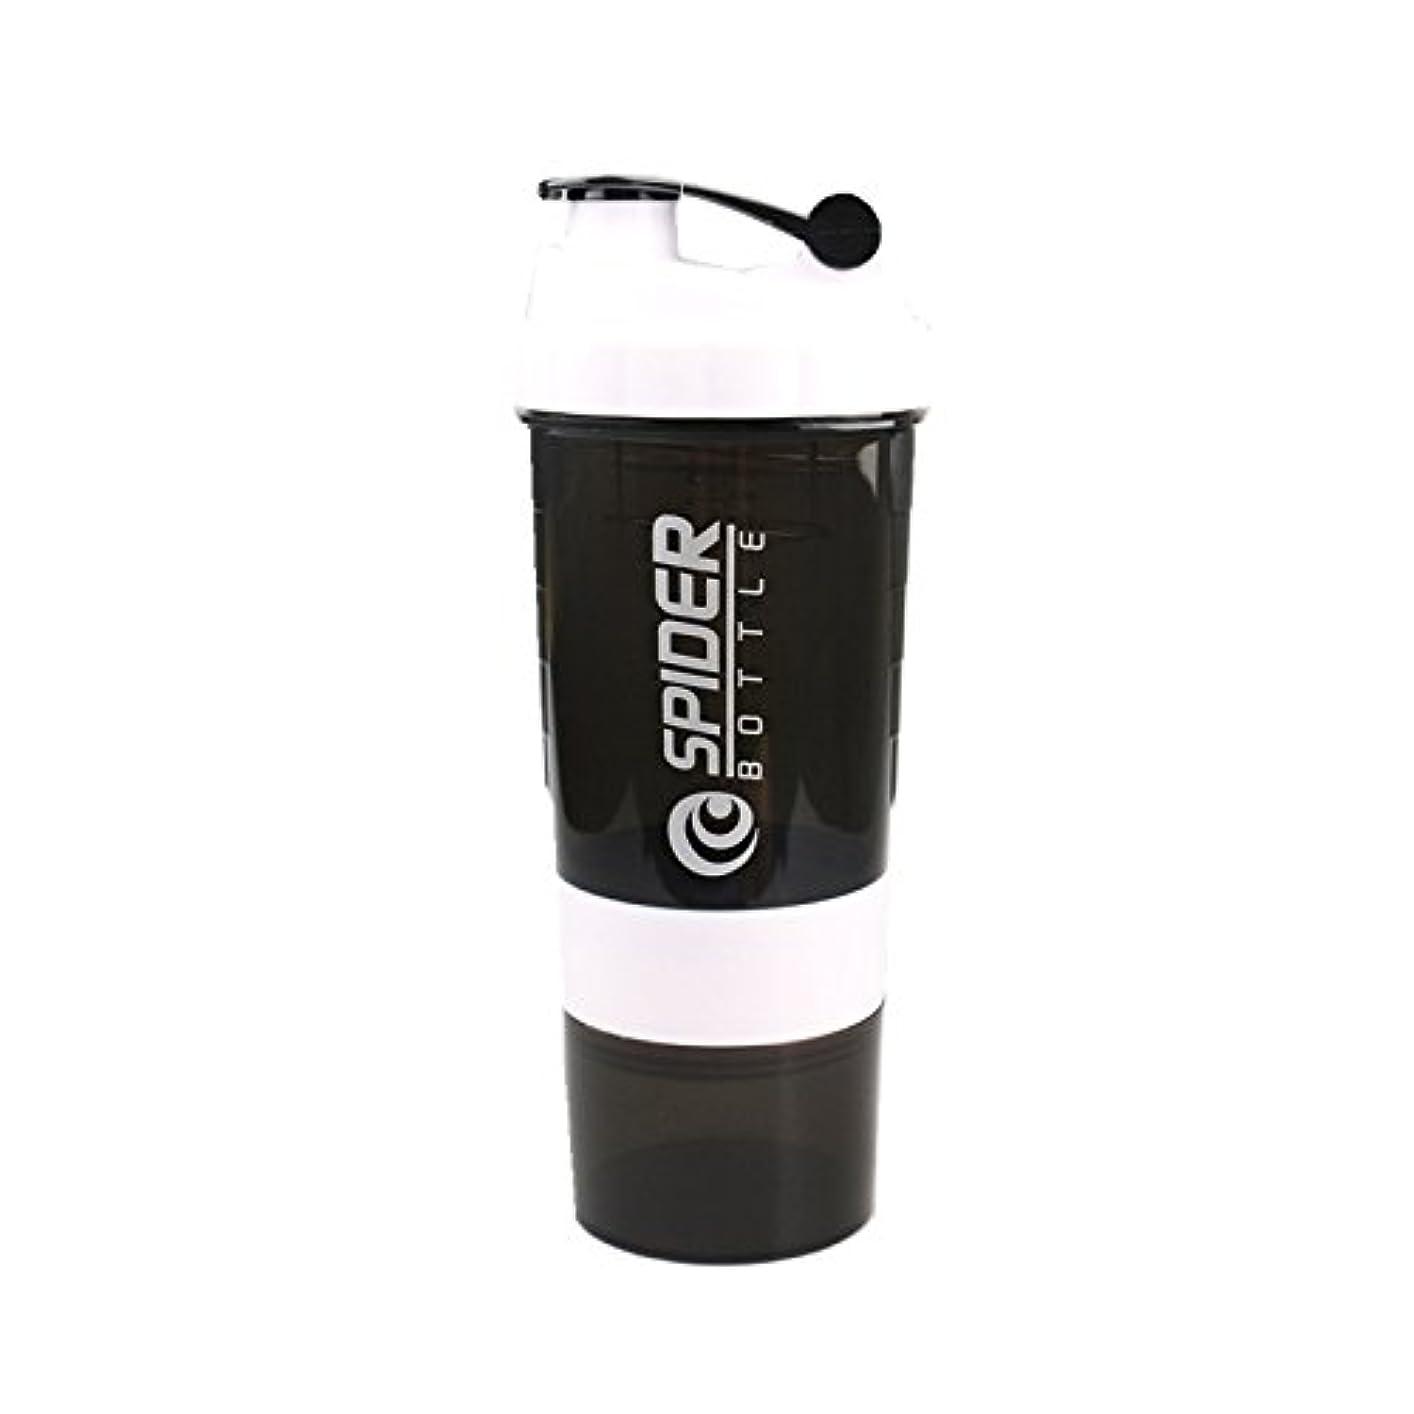 幻滅する求める花弁スポーツボトル シェーカーボトル プロテインシェーカー ボトル プラスチック フィットネス ダイエット 直飲み サプリケース コンテナ付き 600ml